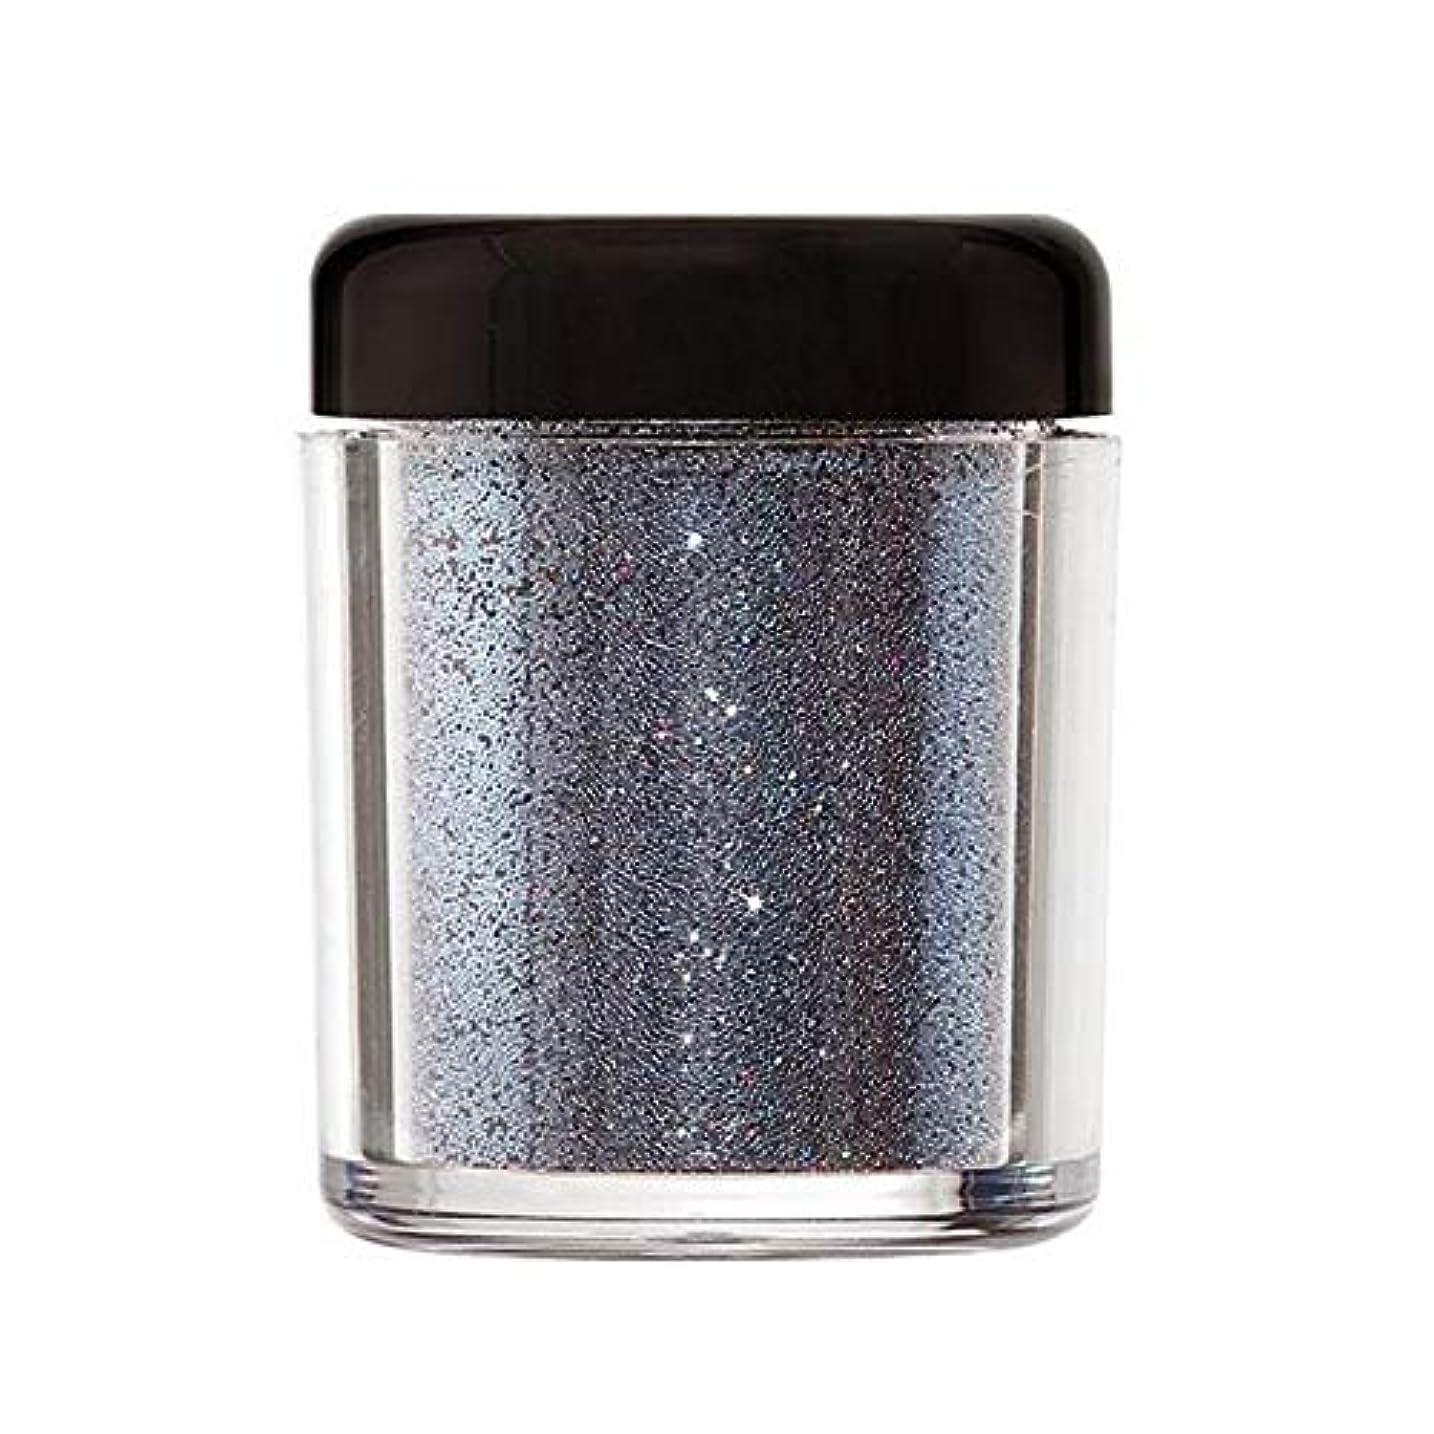 素子城受け継ぐ[Barry M ] バリーメートルグリッターラッシュボディの輝き - オニキス - Barry M Glitter Rush Body Glitter - Onyx [並行輸入品]